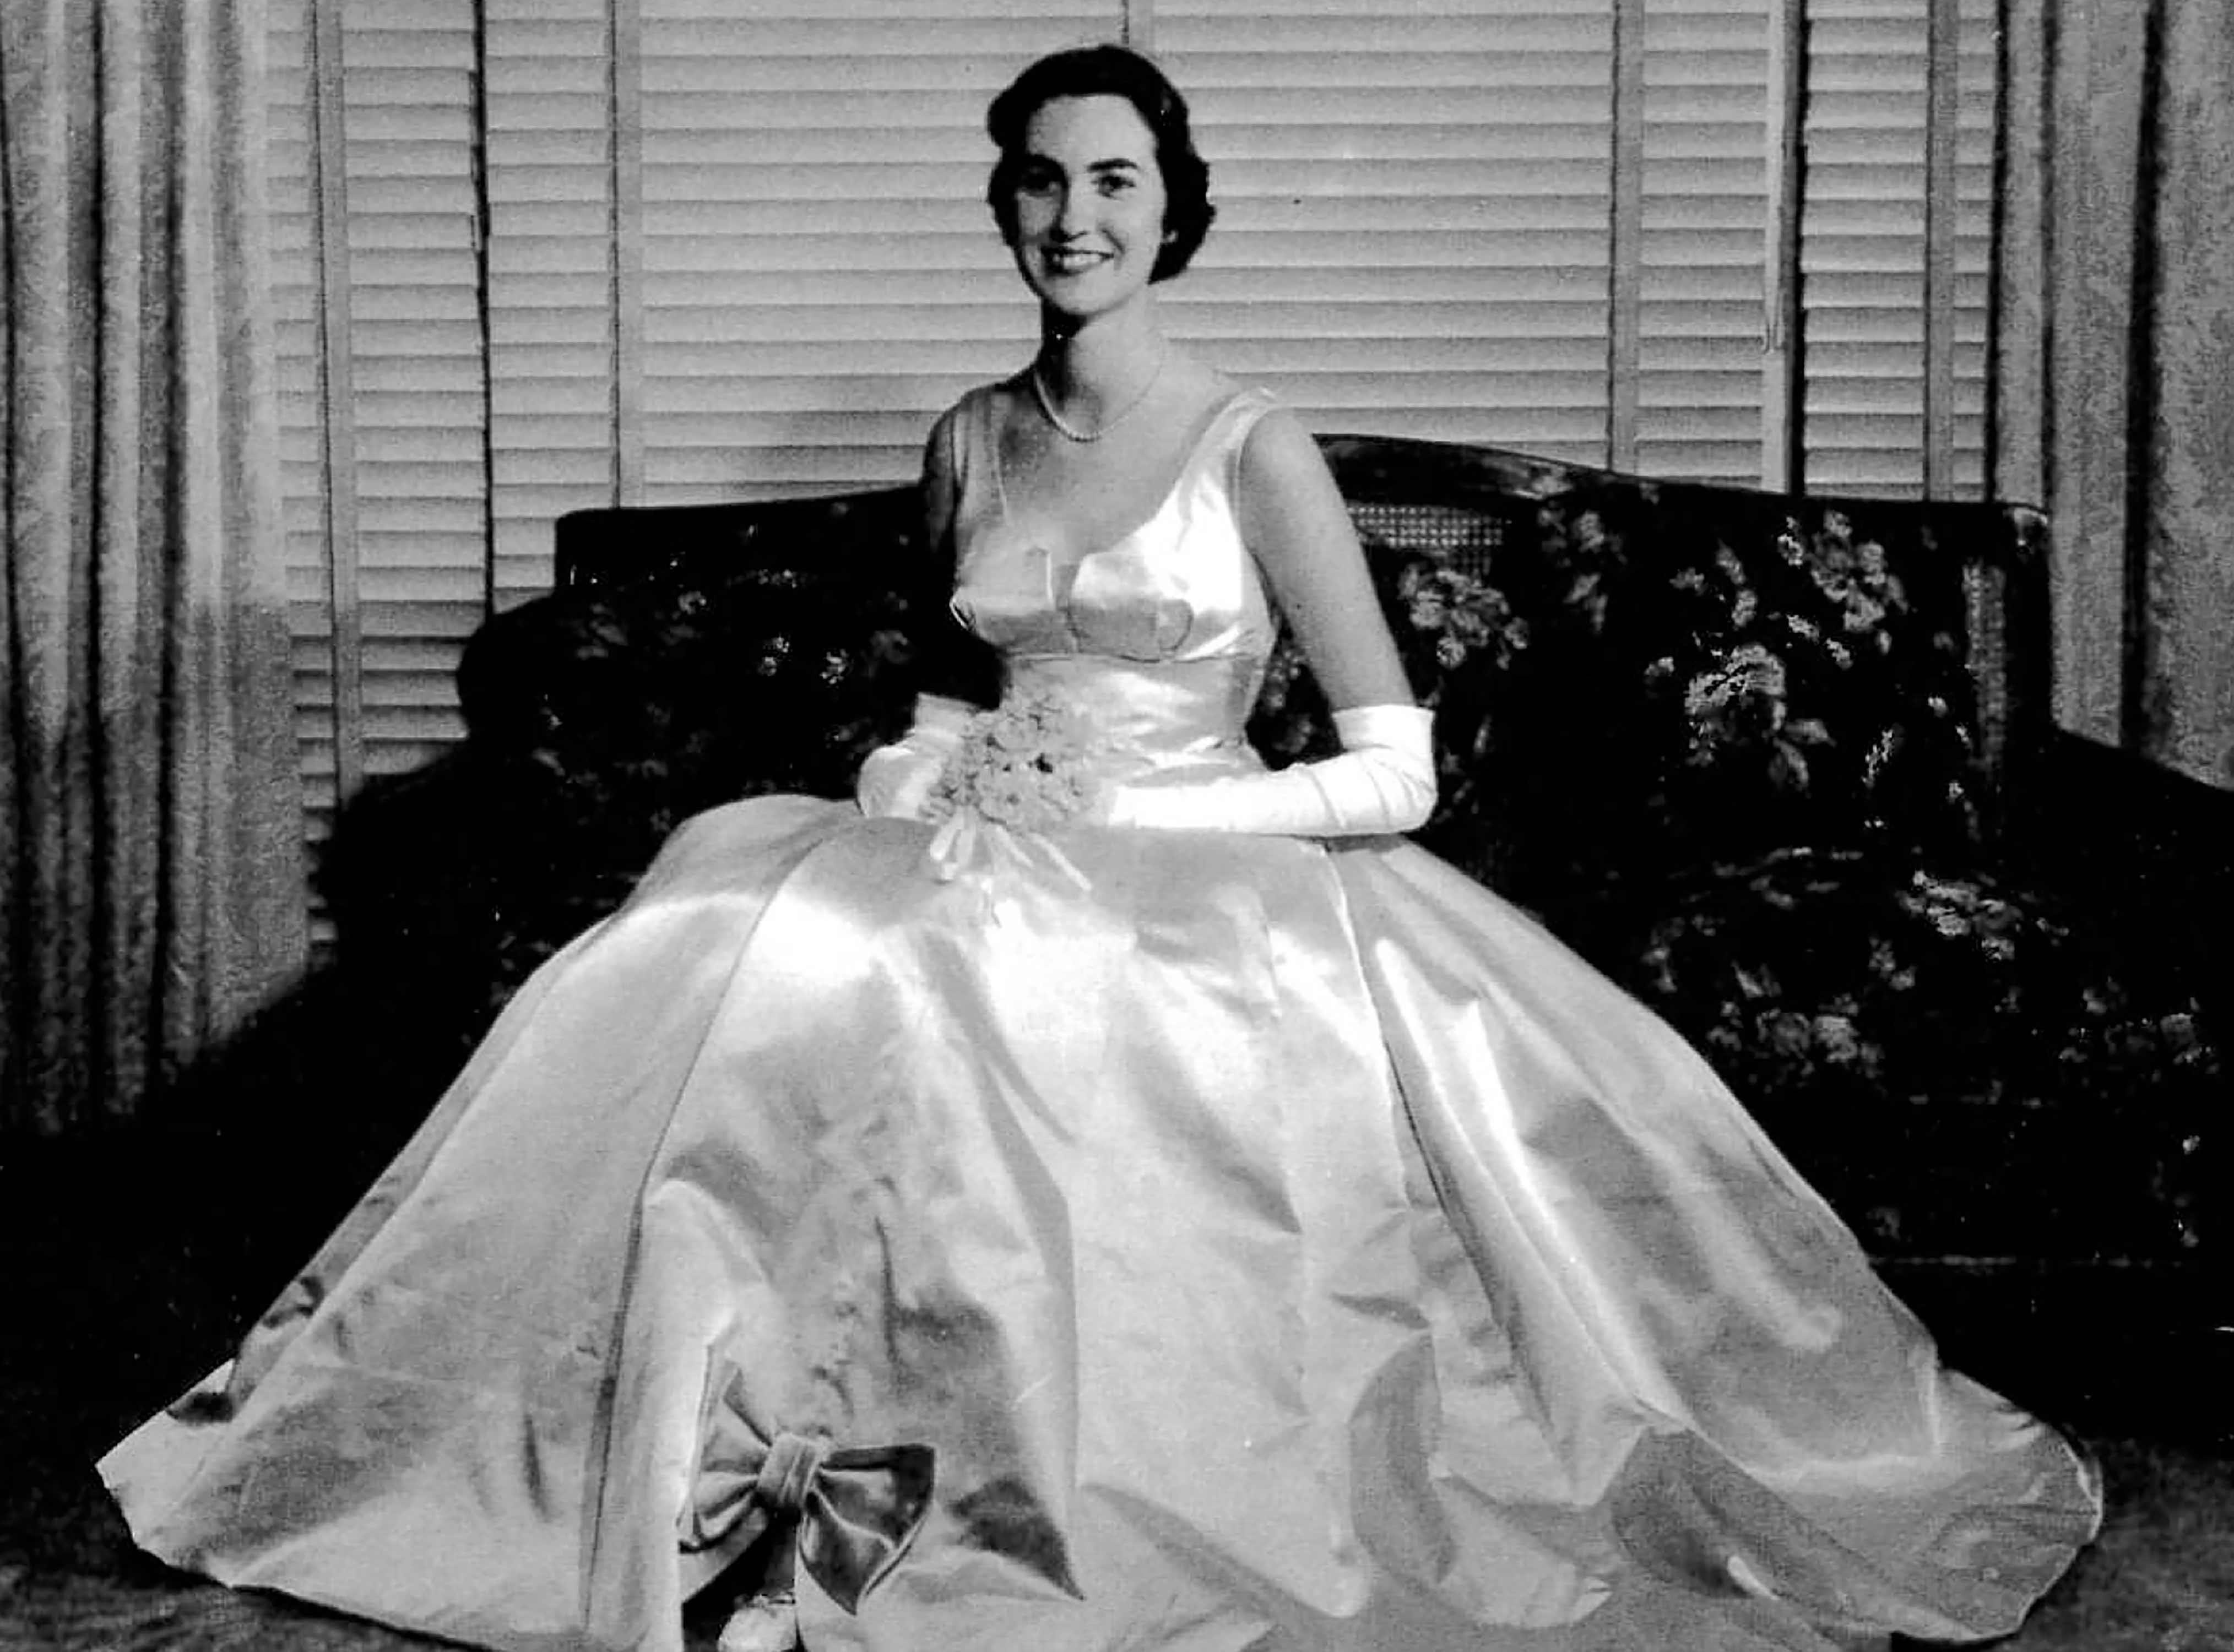 Cheap second hand wedding dresses nz herald